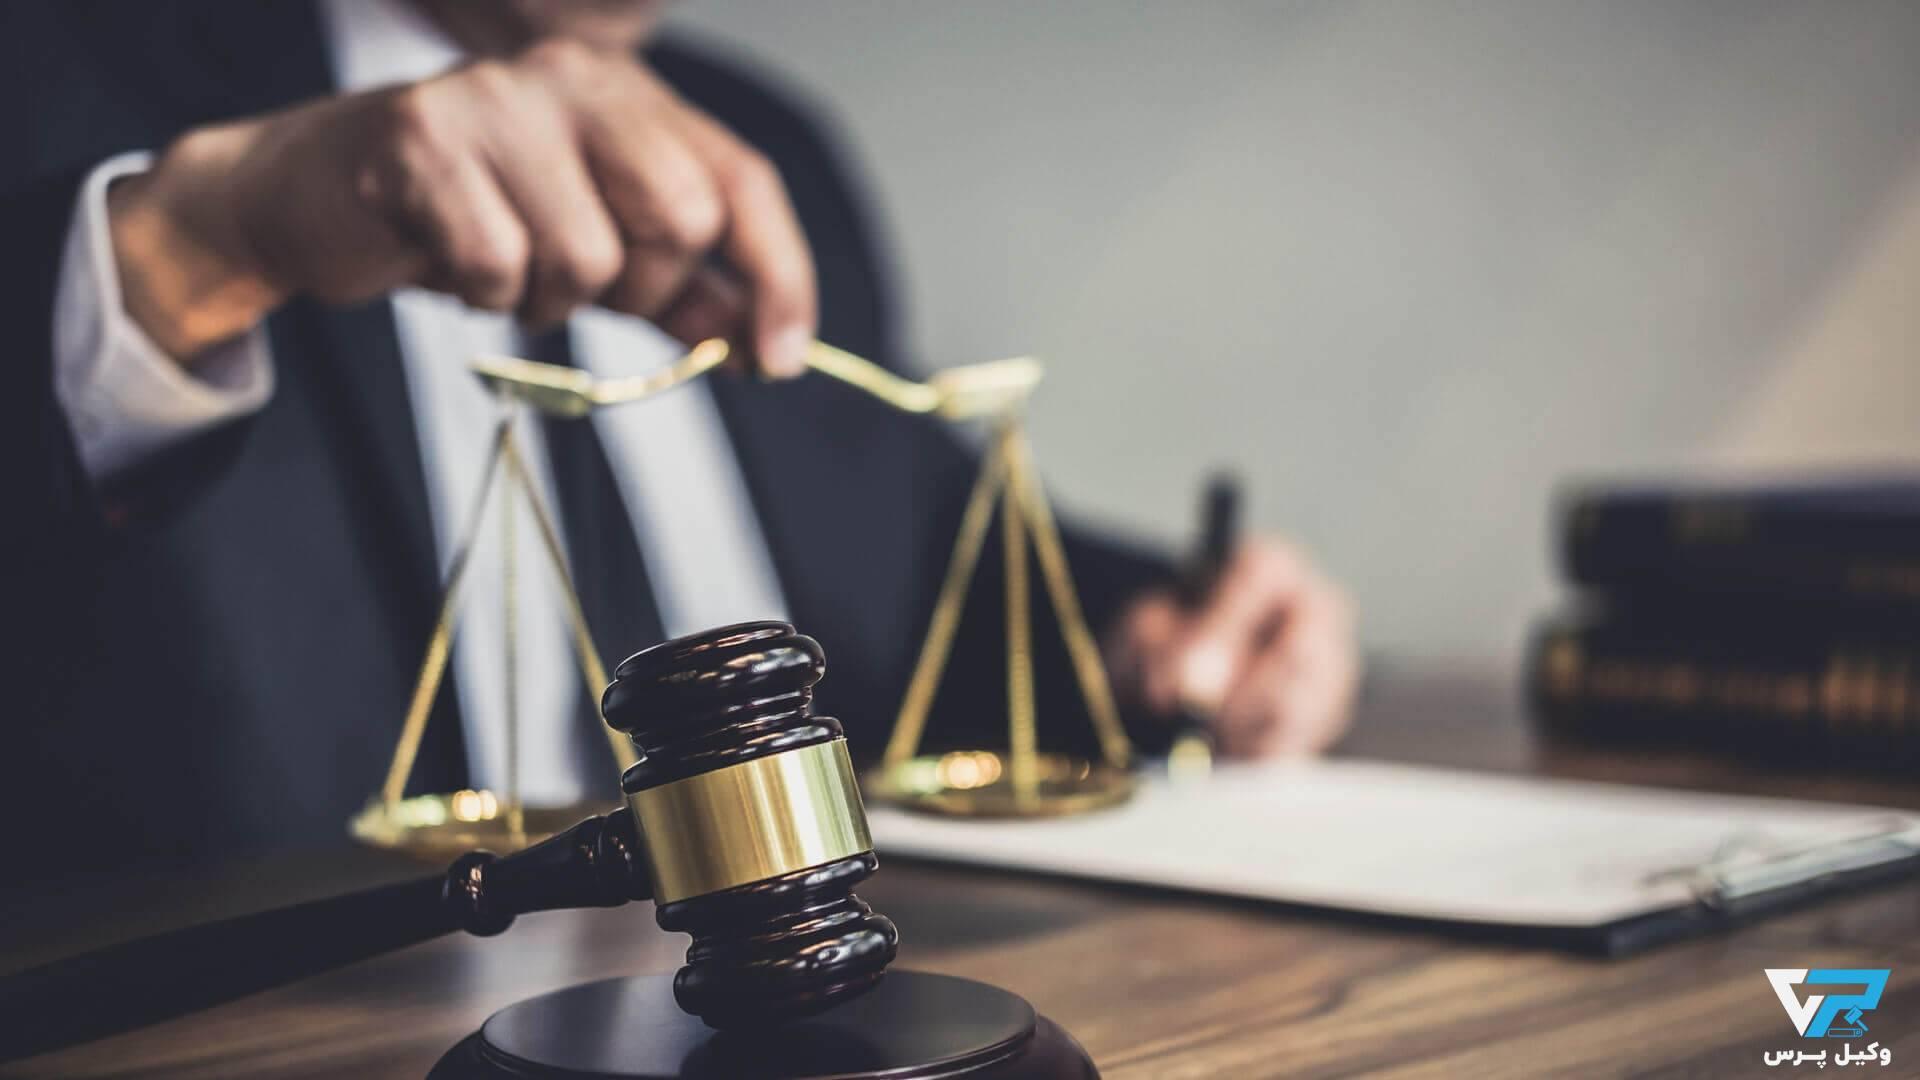 وکیل تجاری